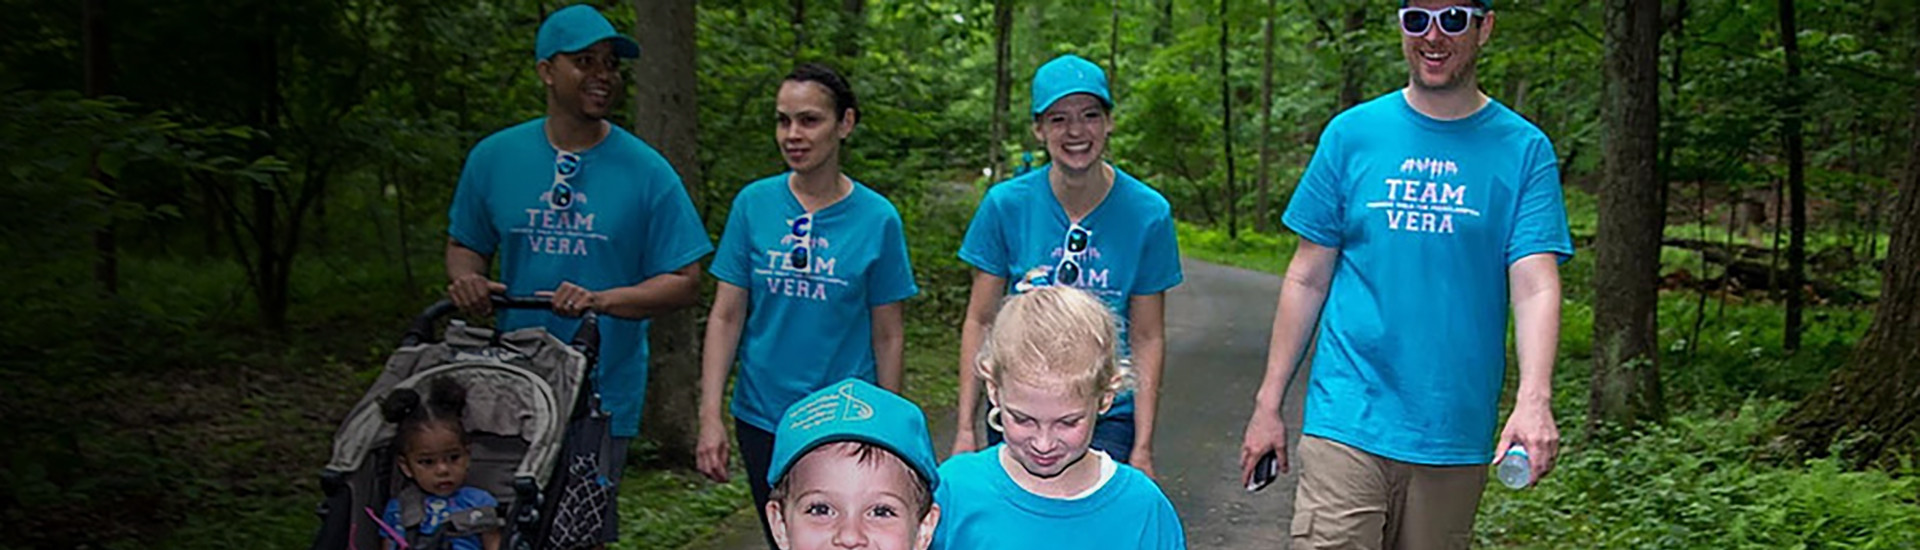 Washington, DC Promise Walk for Preeclampsia